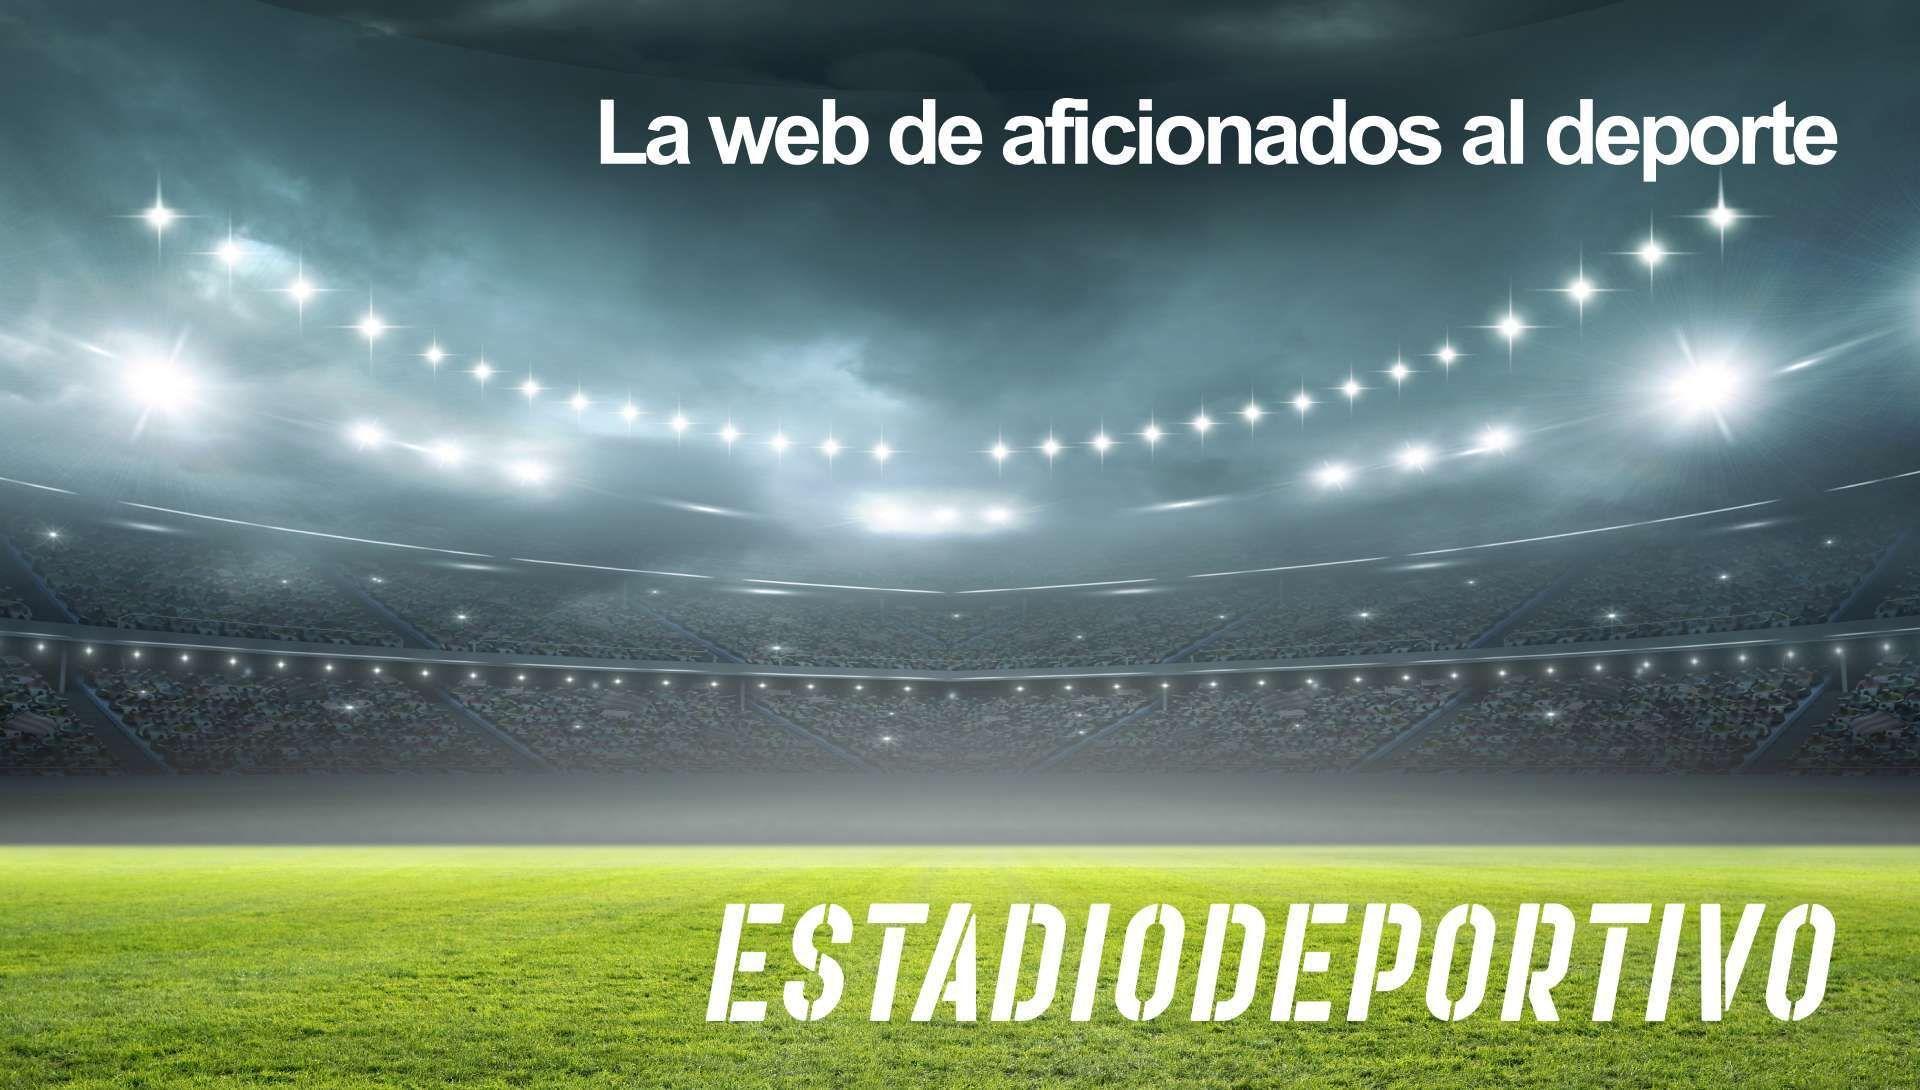 Las portadas del jueves 22 de abril